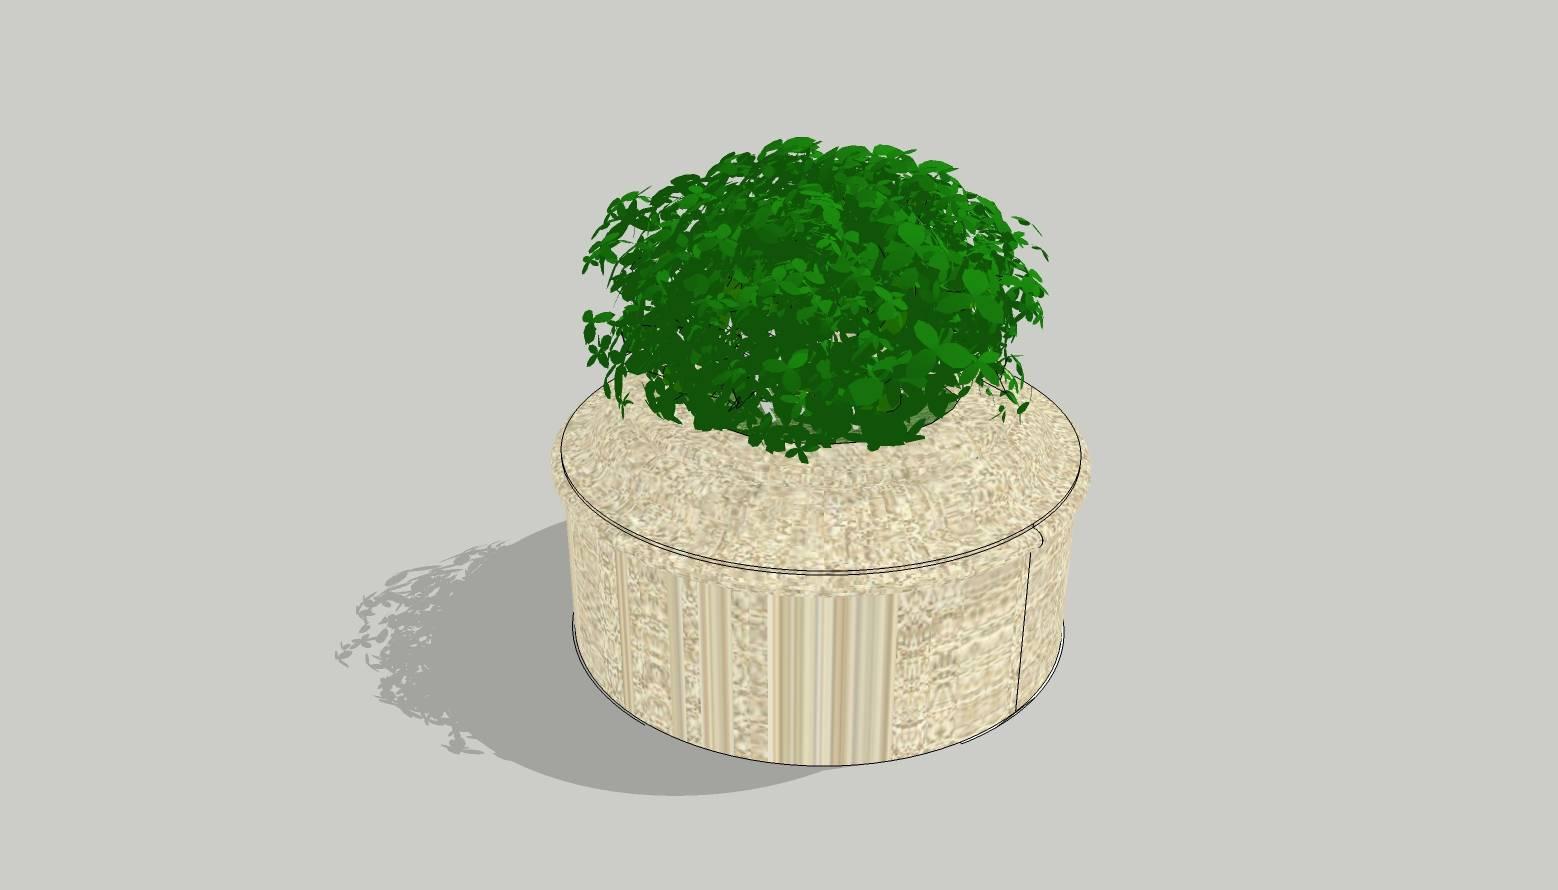 异形树池  石树池  创意树池  广场 公园 公共空间  种植池